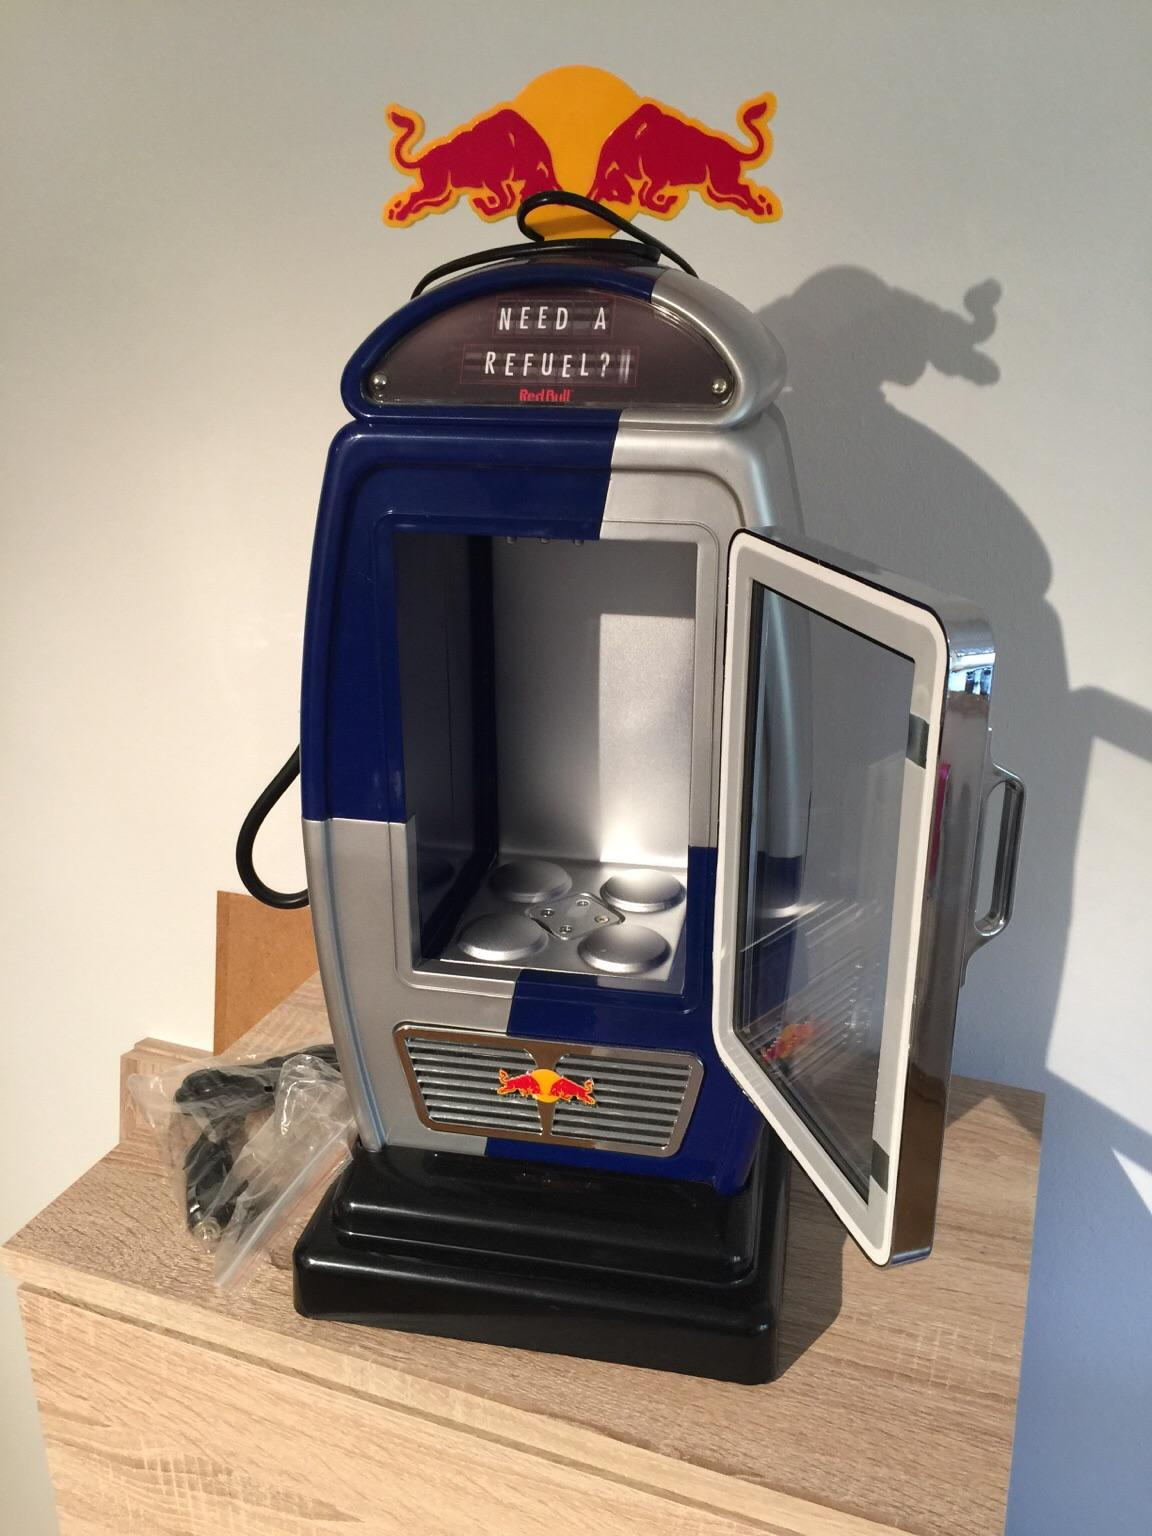 Red Bull Kühlschrank Zapfsäule : Gebraucht redbull kühlschrank im tankstellen stil in